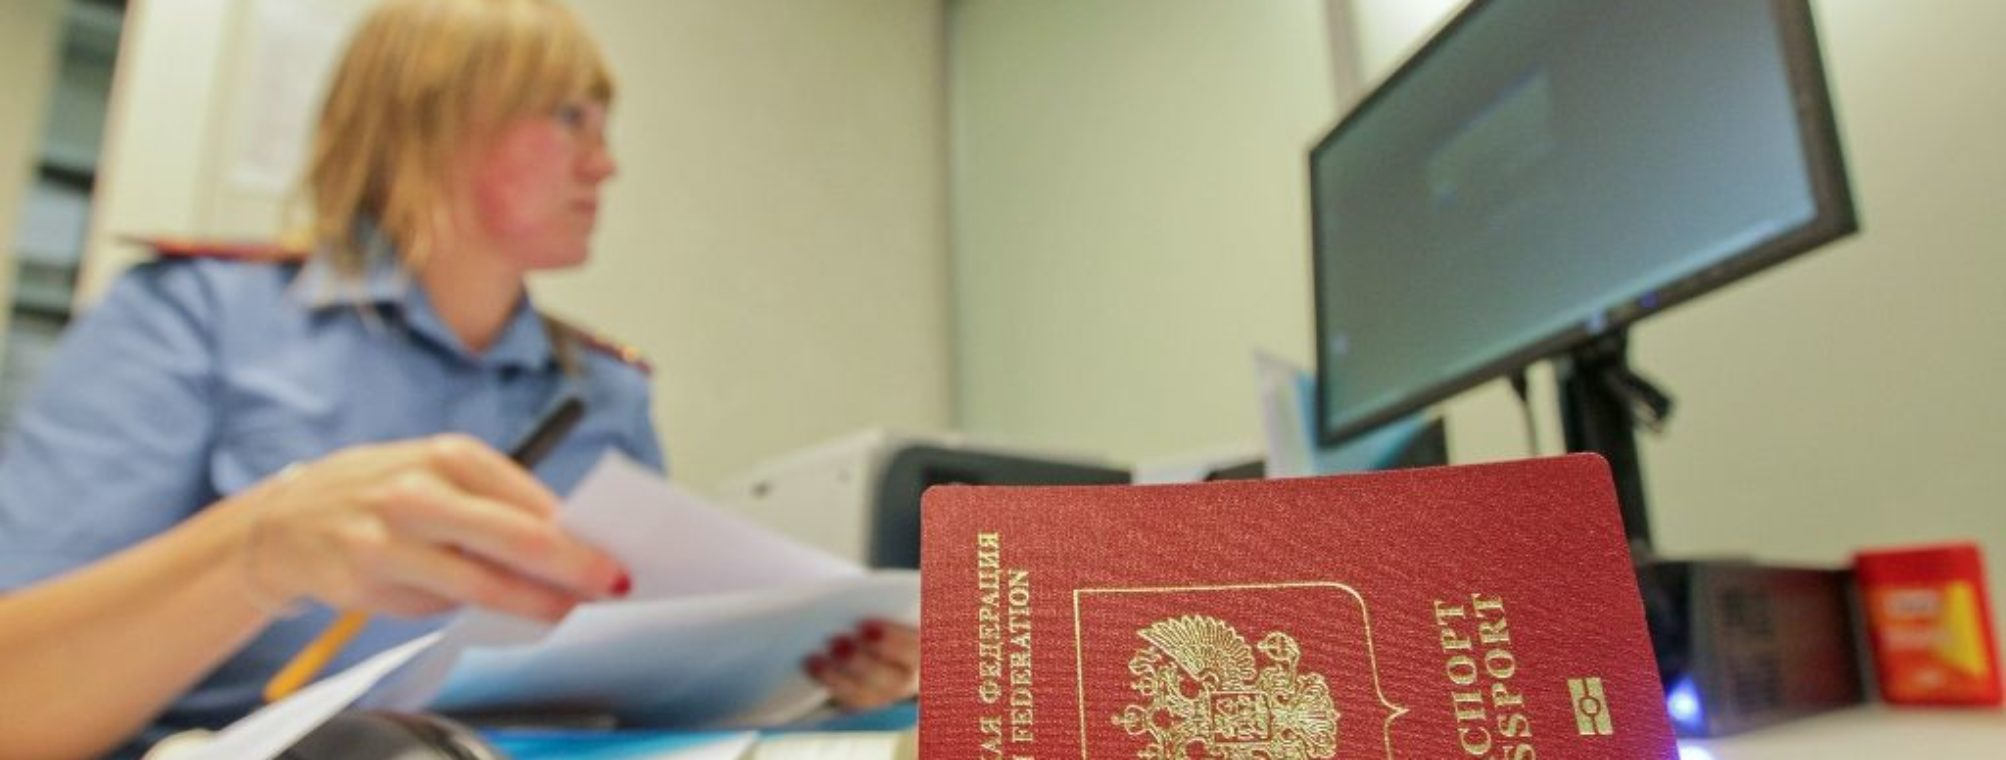 Как быстро сделать загранпаспорт в санкт петербурге